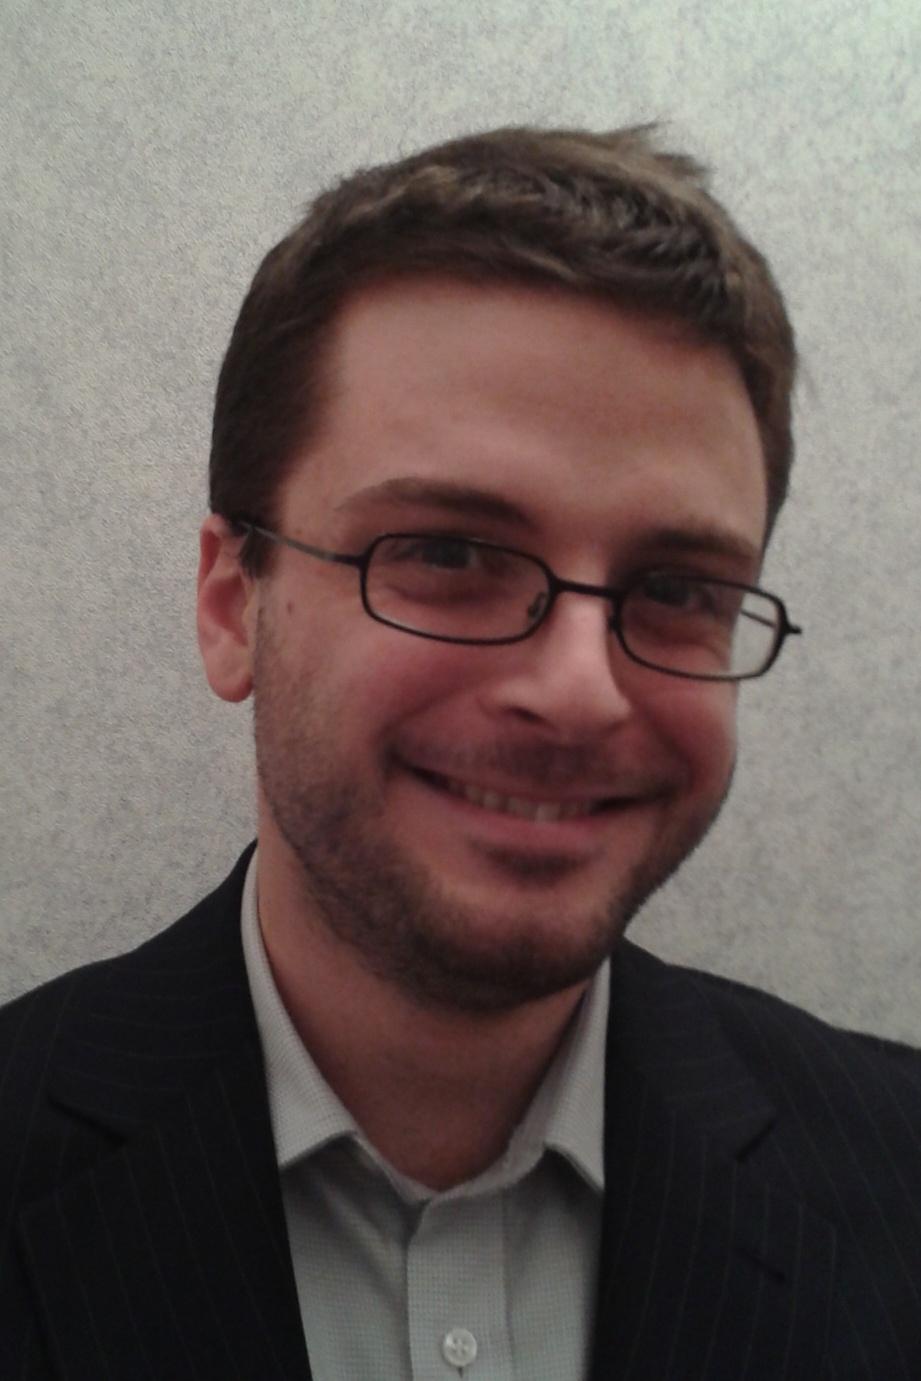 Andrew Tomlinson